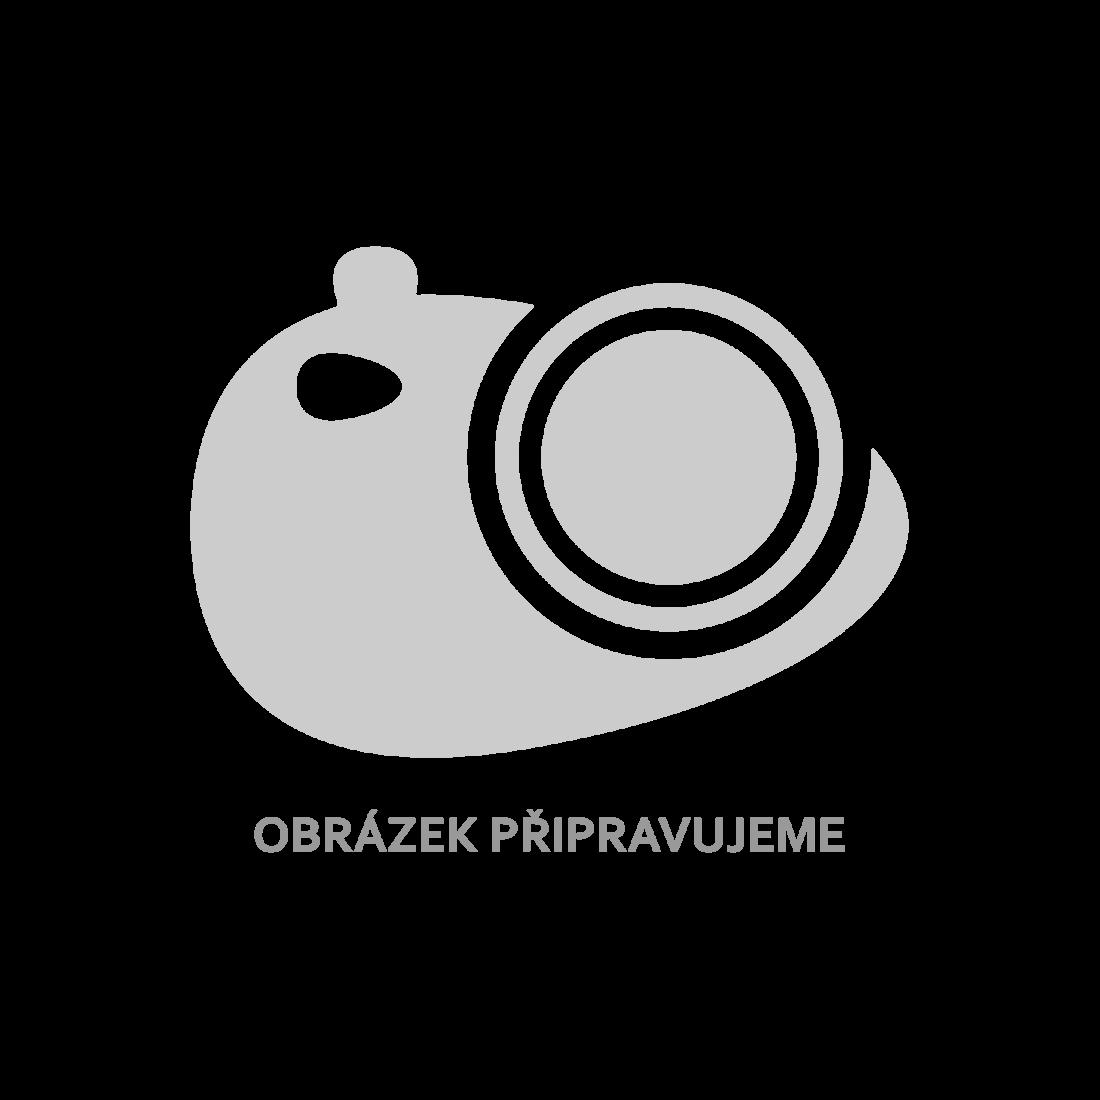 Impregnovaná brána laťový plot 2 ks 300x60 cm dřevo